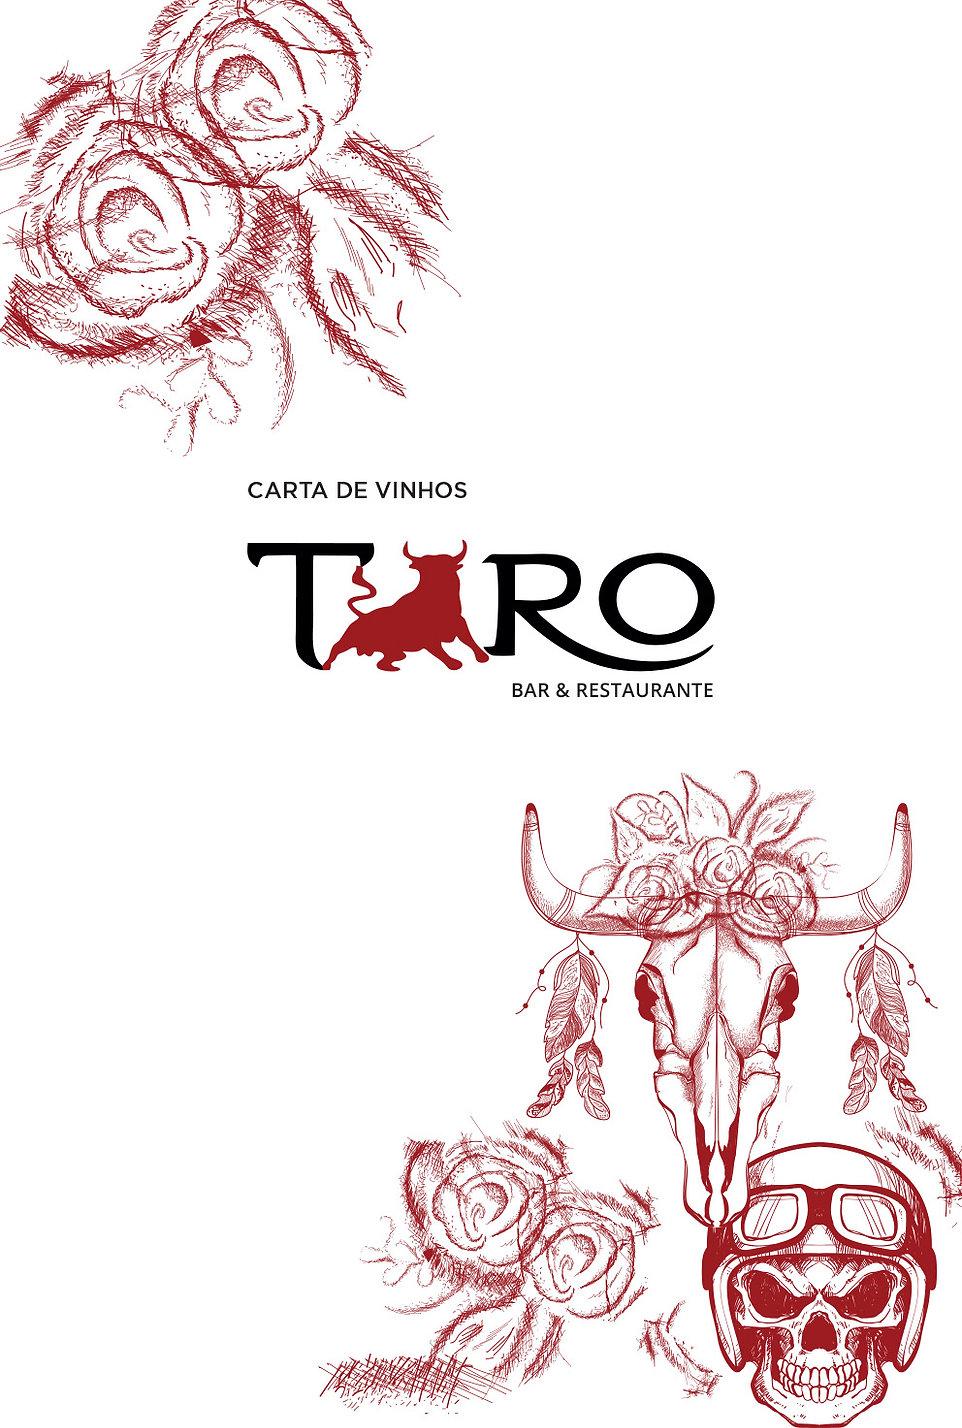 PG1_Carta de Vinhos_Toro Atlantida_12202